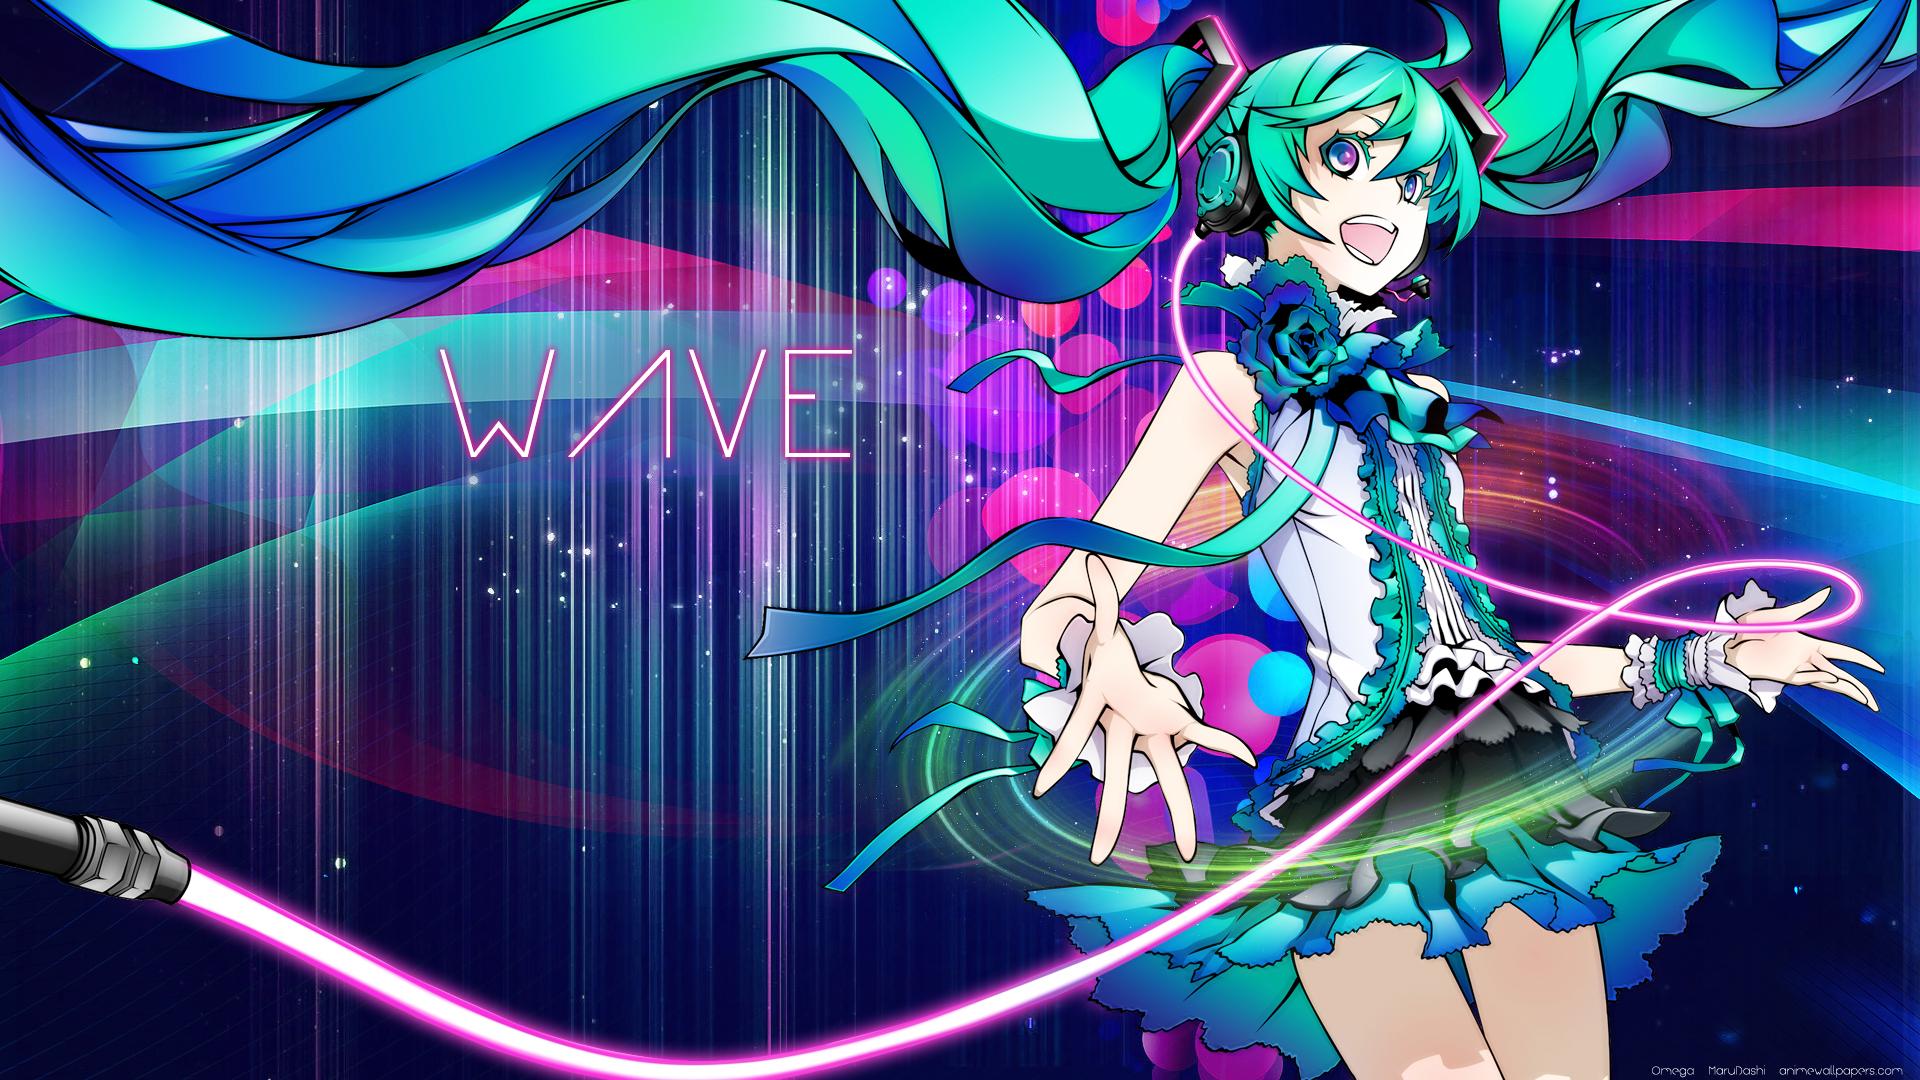 Vocaloid Game Wallpaper # 34